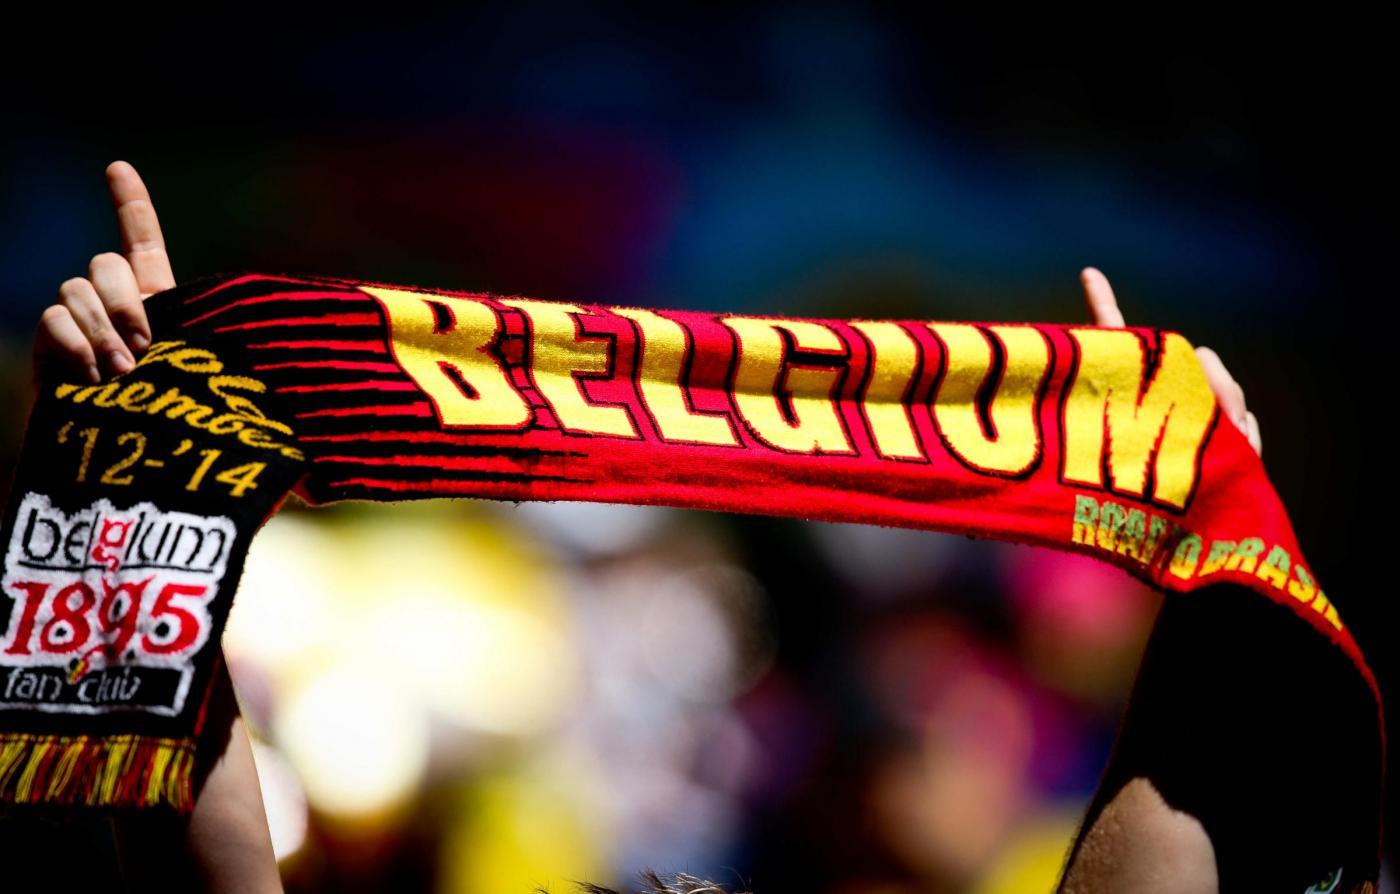 Jupiler League 2 settembre: si giocano 3 gare della sesta giornata del campionato belga. Genk e Club Brugge in testa a 13 punti.